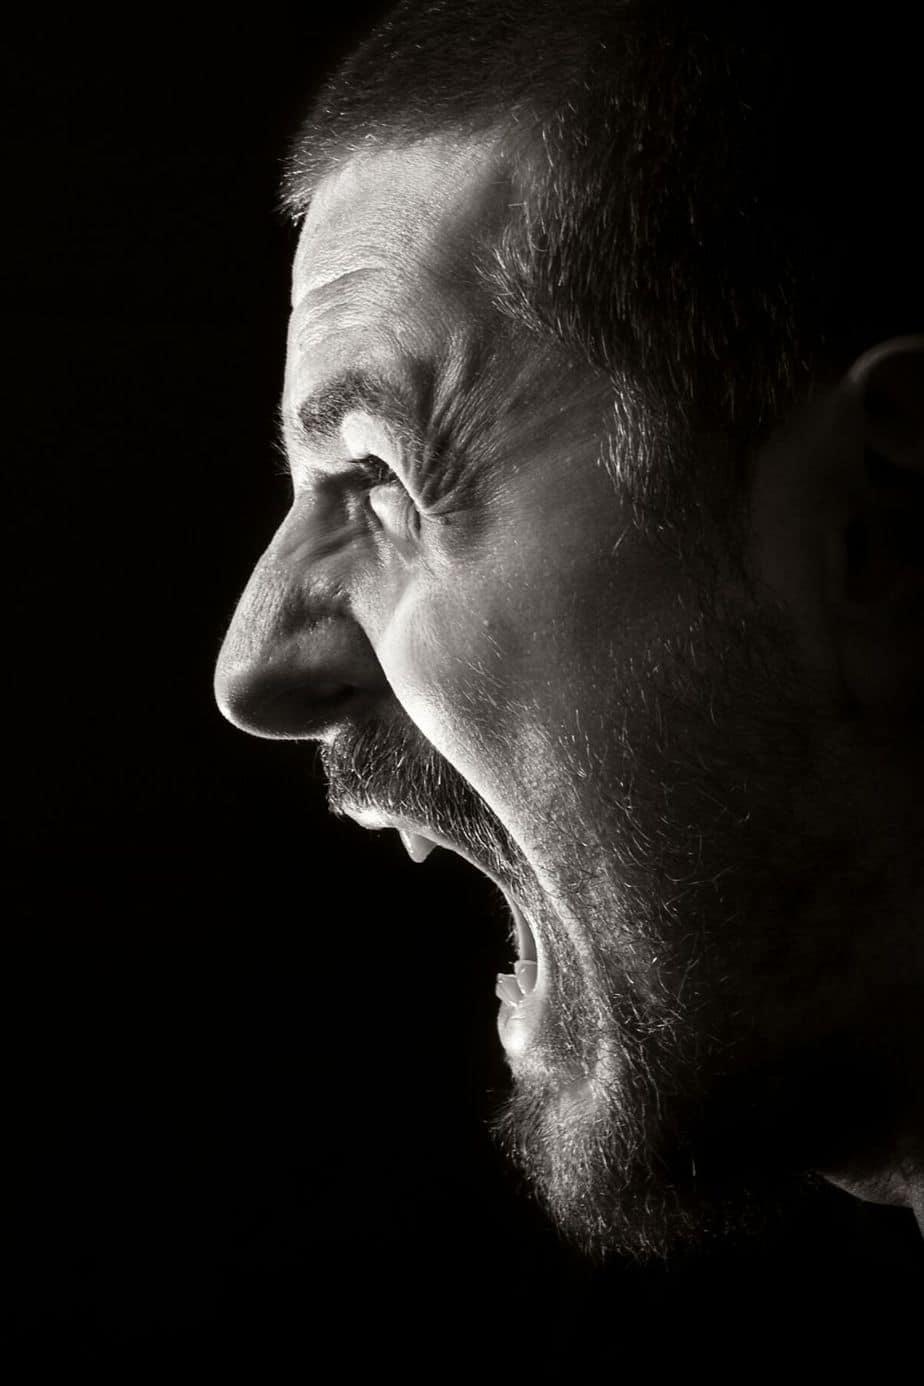 Narzisstische Wut: Das passiert, wenn man einen Narzissten